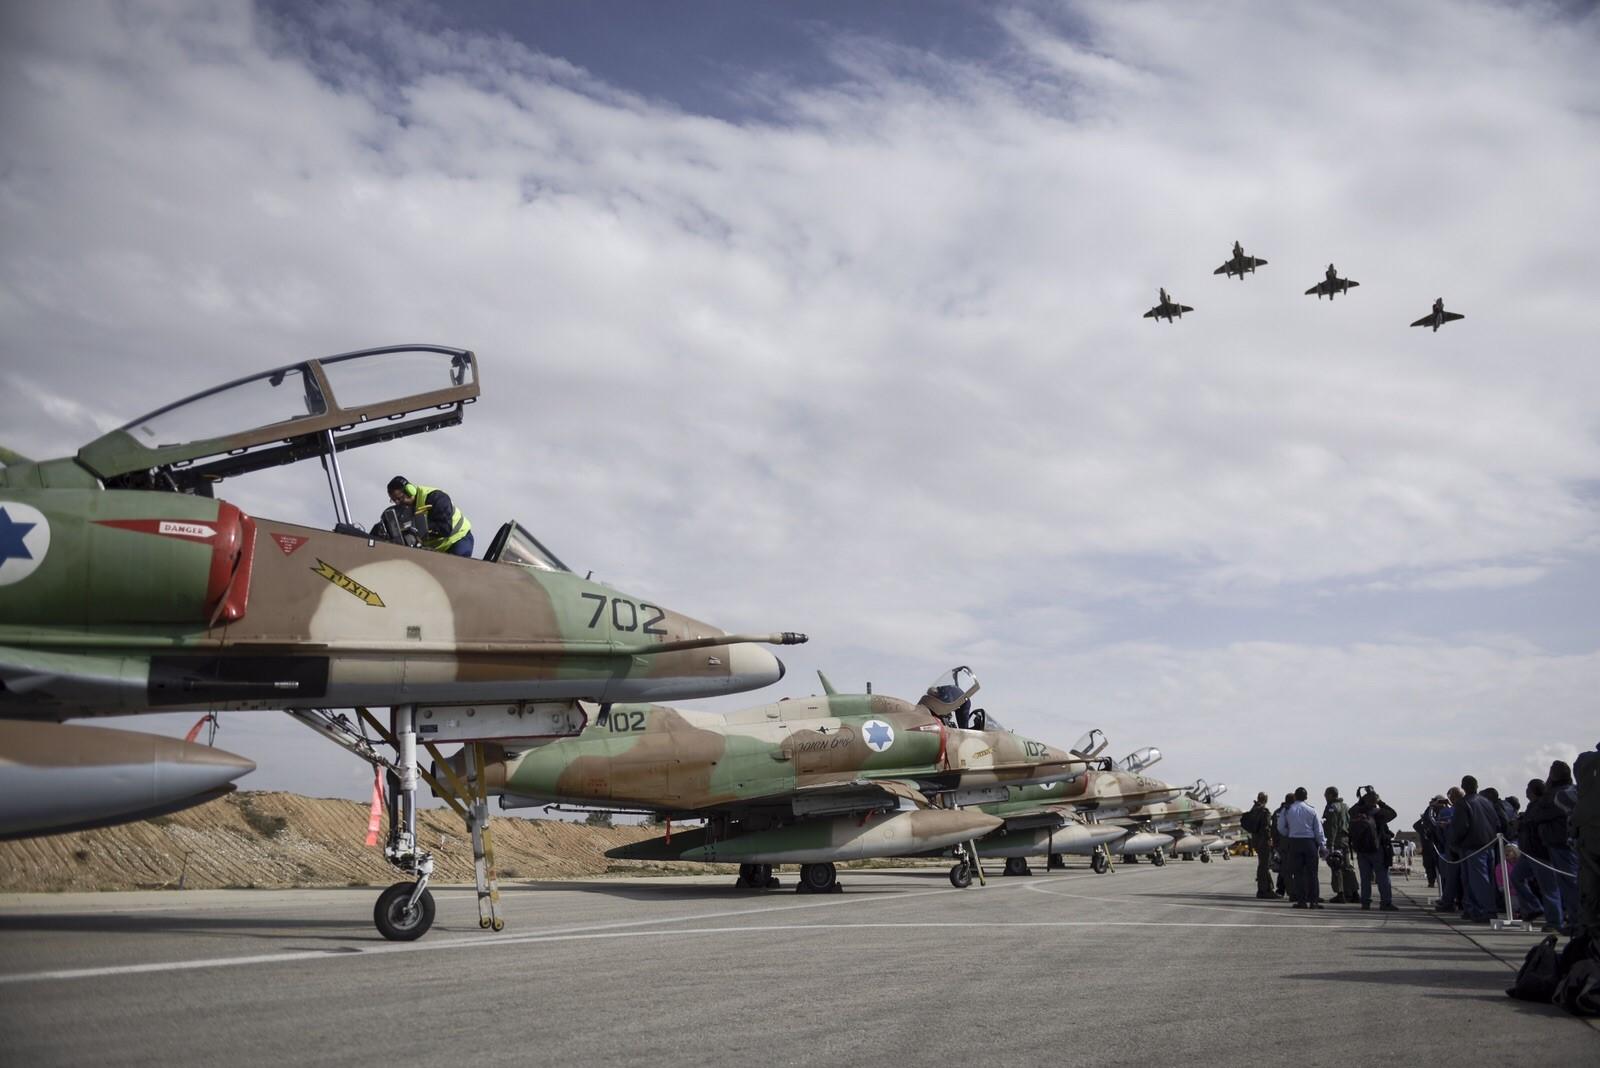 صورة الجيش الإسرائيلي: استأنفنا الغارات في سوريا